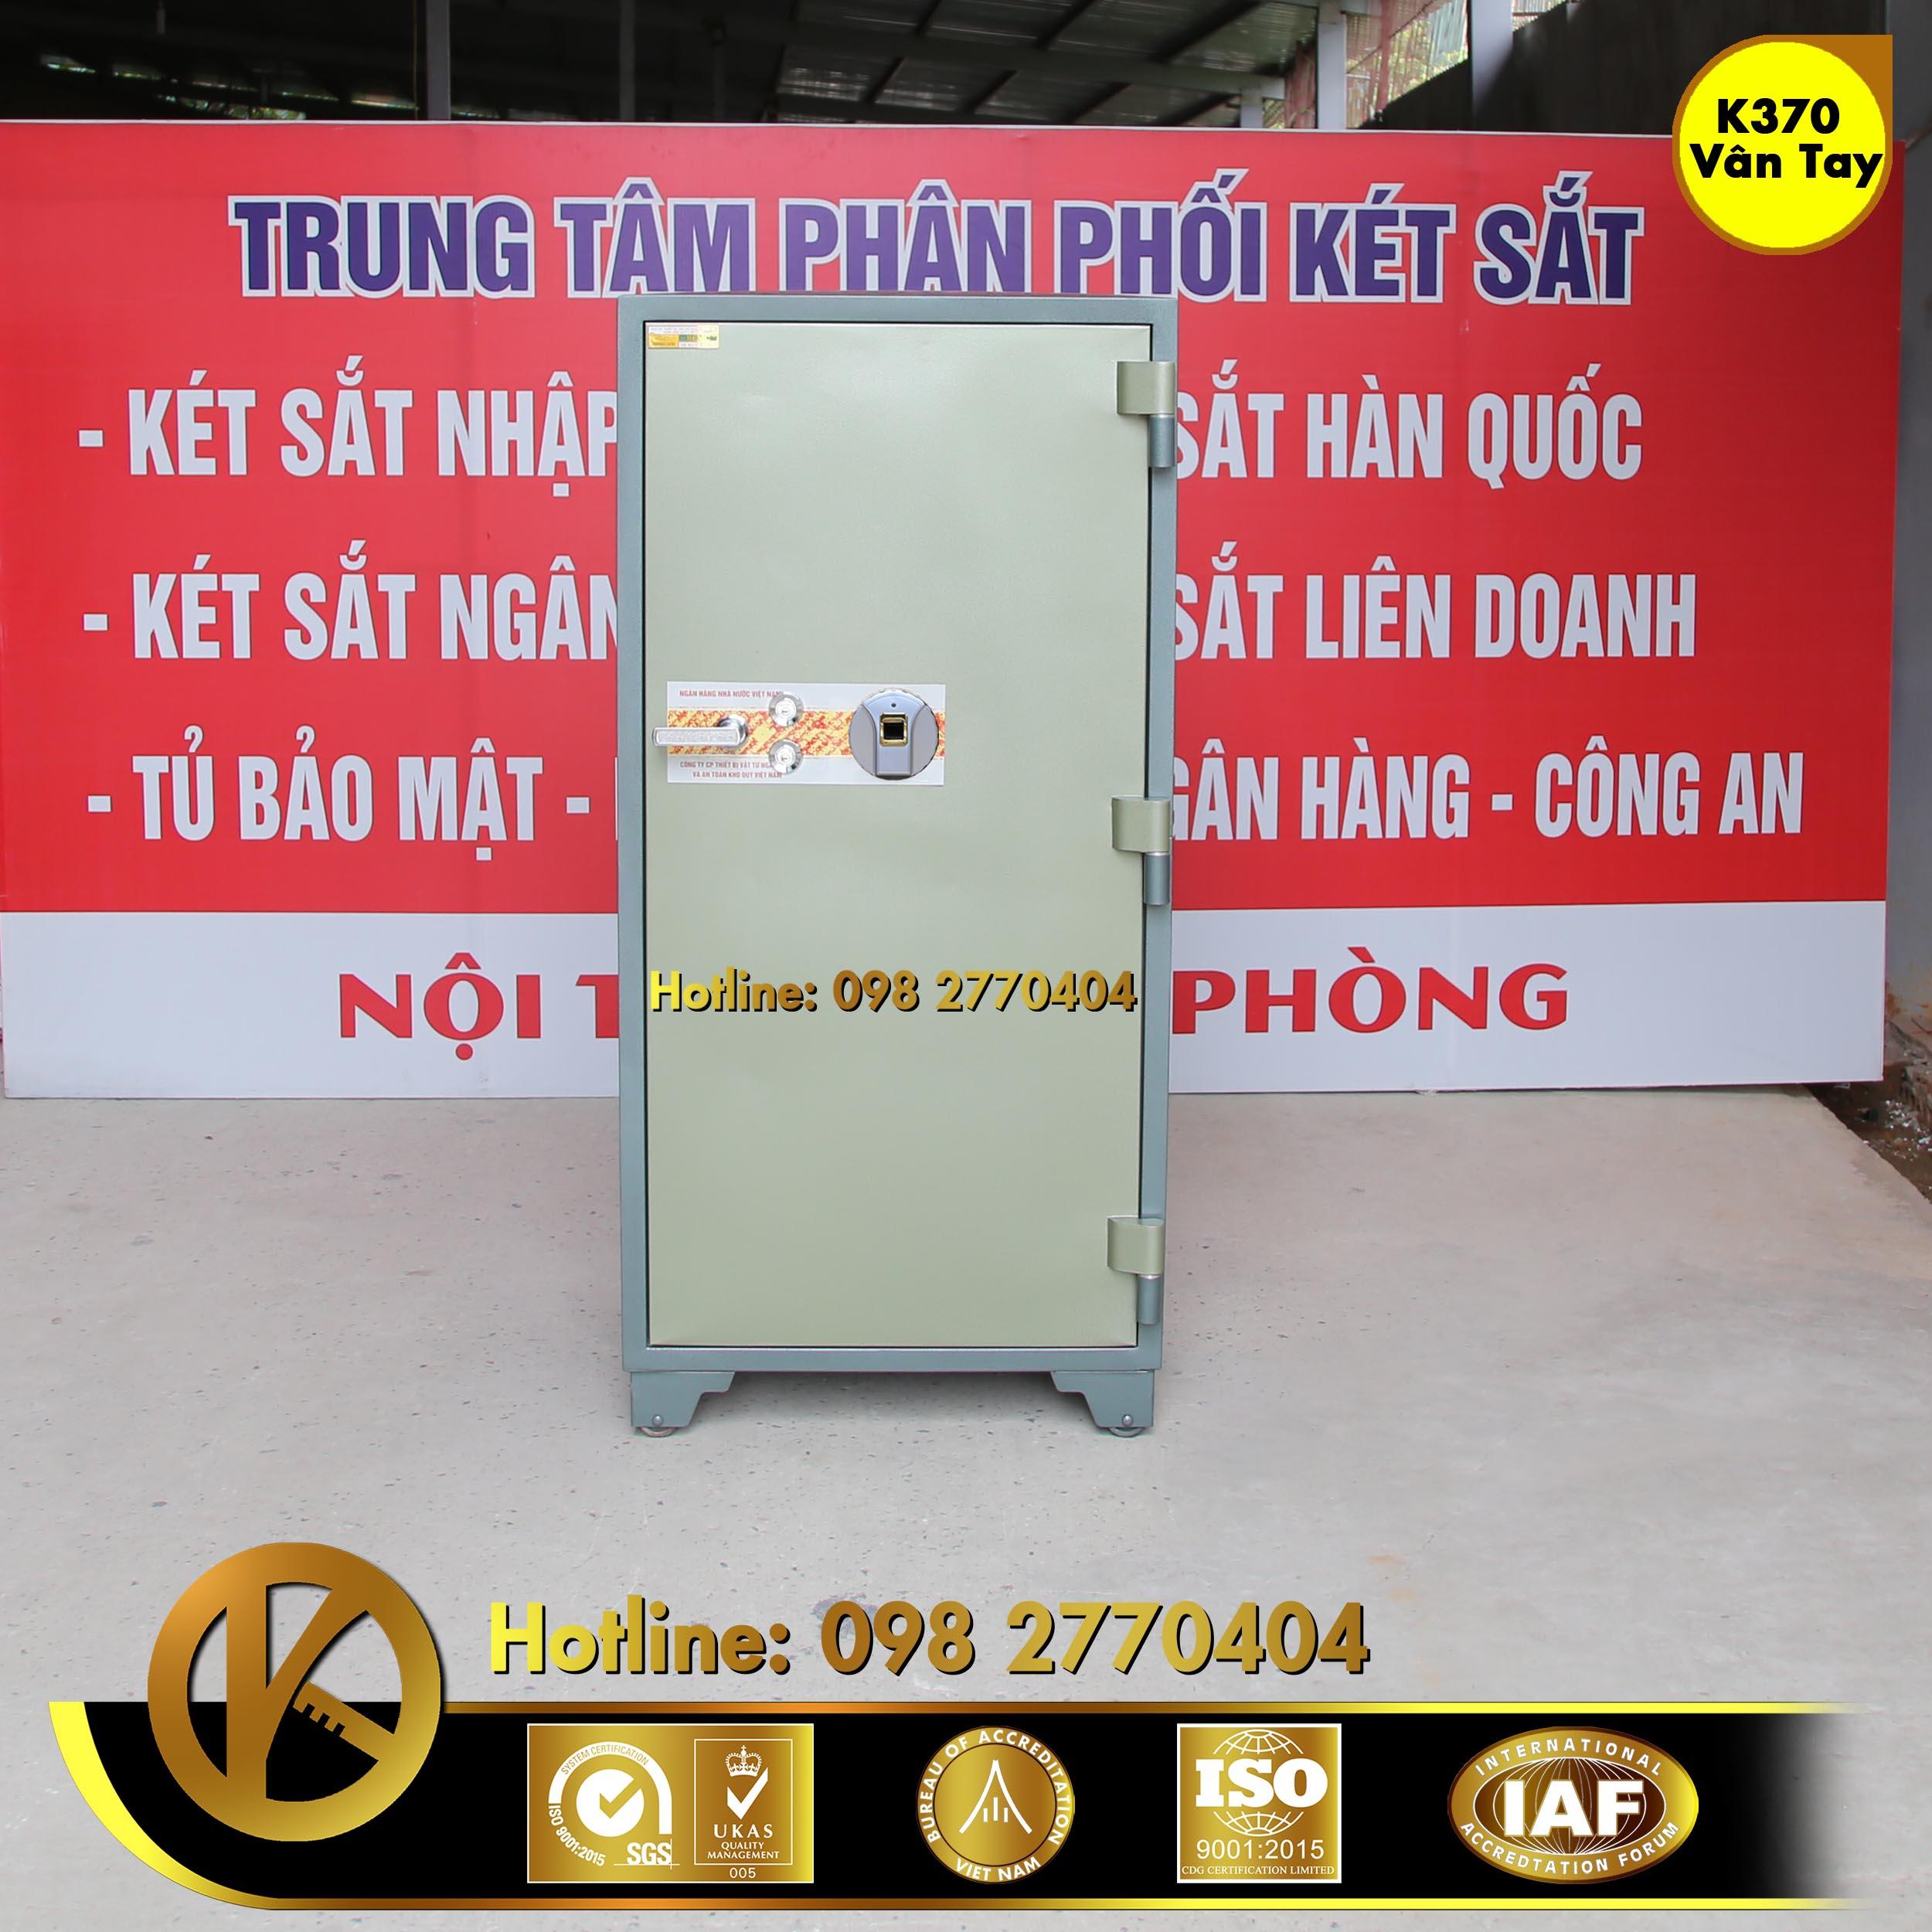 KÉT SẮT NGÂN HÀNG BEMC K370 KHOÁ VÂN TAY